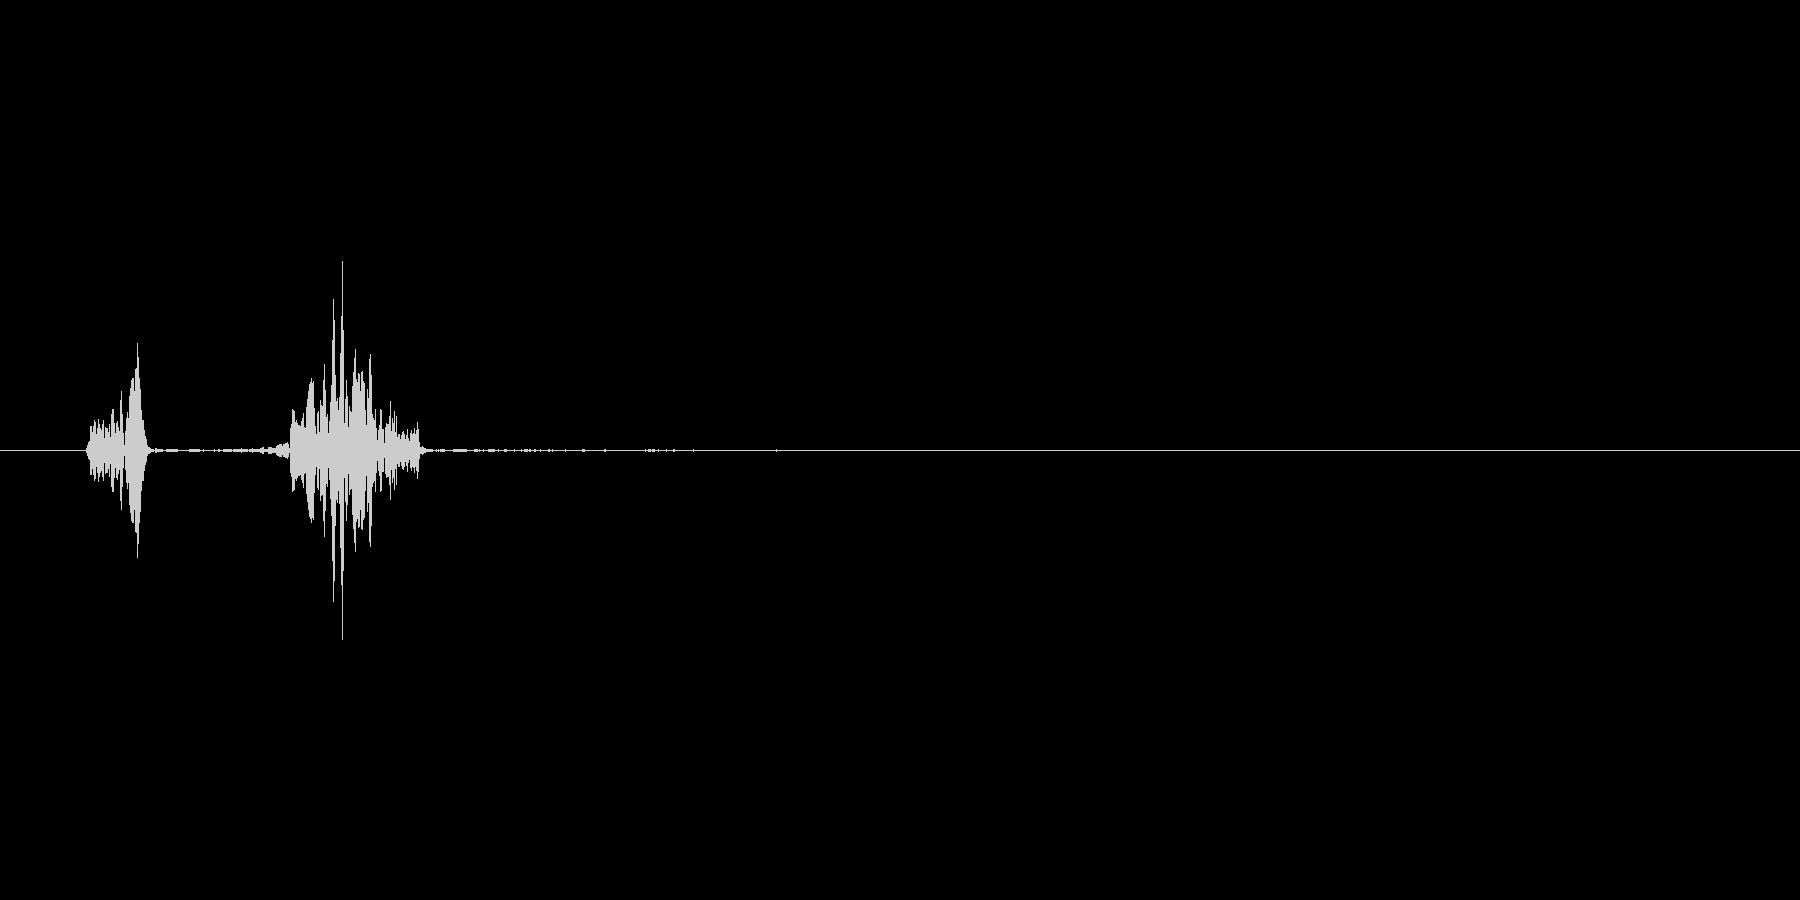 プニッ(肉球感あふれる可愛いタッチ音)の未再生の波形